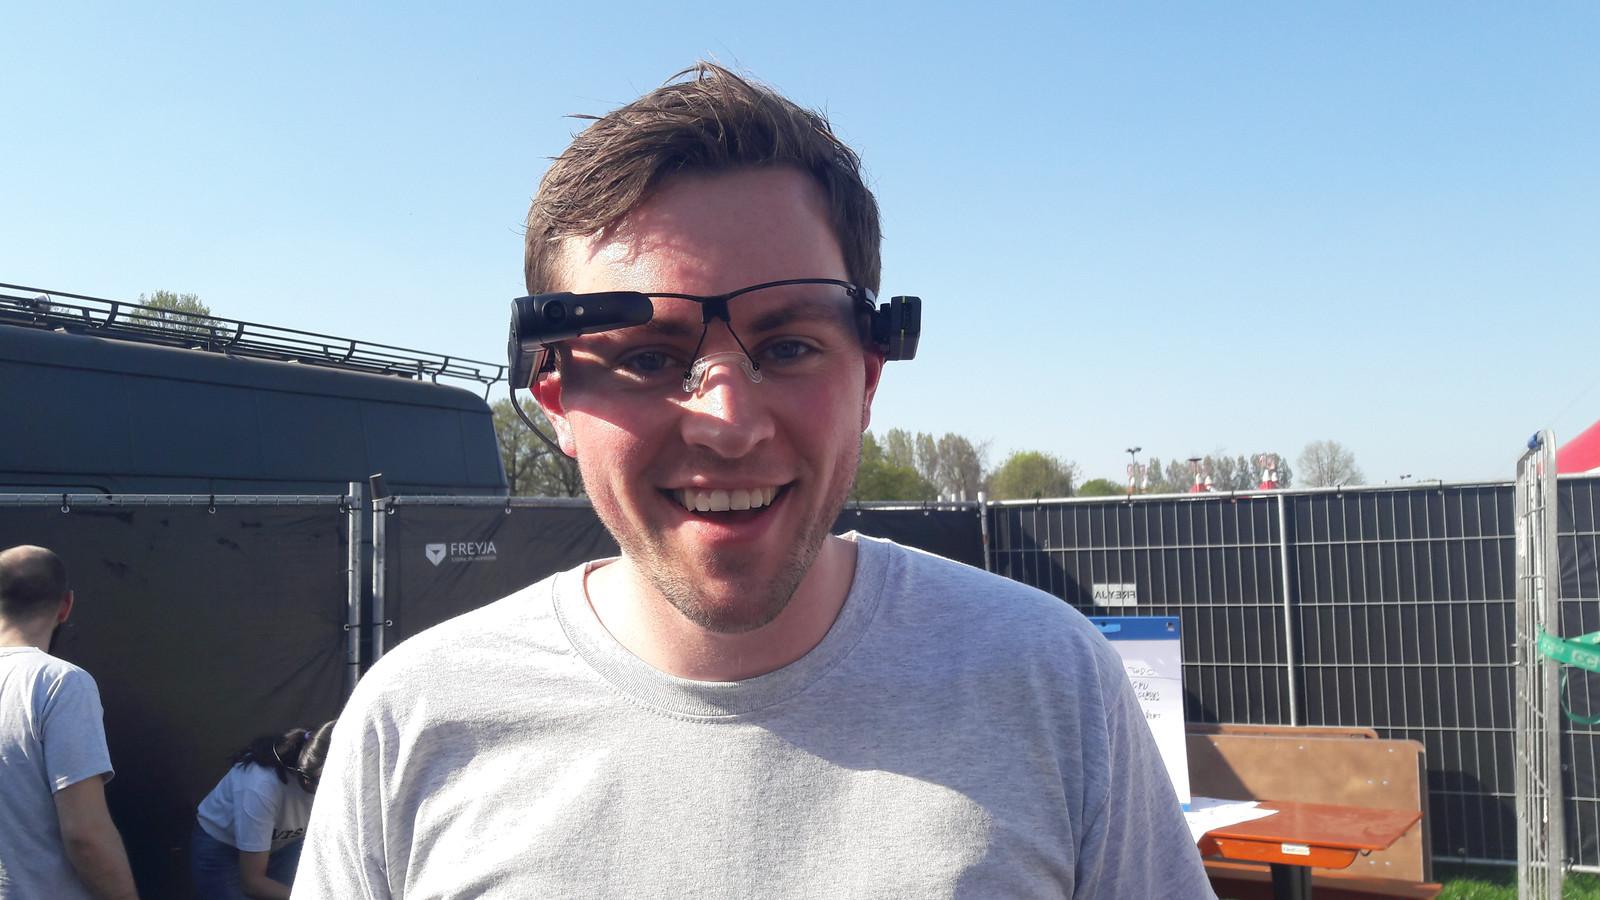 Een van de smartglasses die datastudenten van JADS uit Den Bosch gebruiken voor experimenten op het gebied van veiligheid op Paaspop.